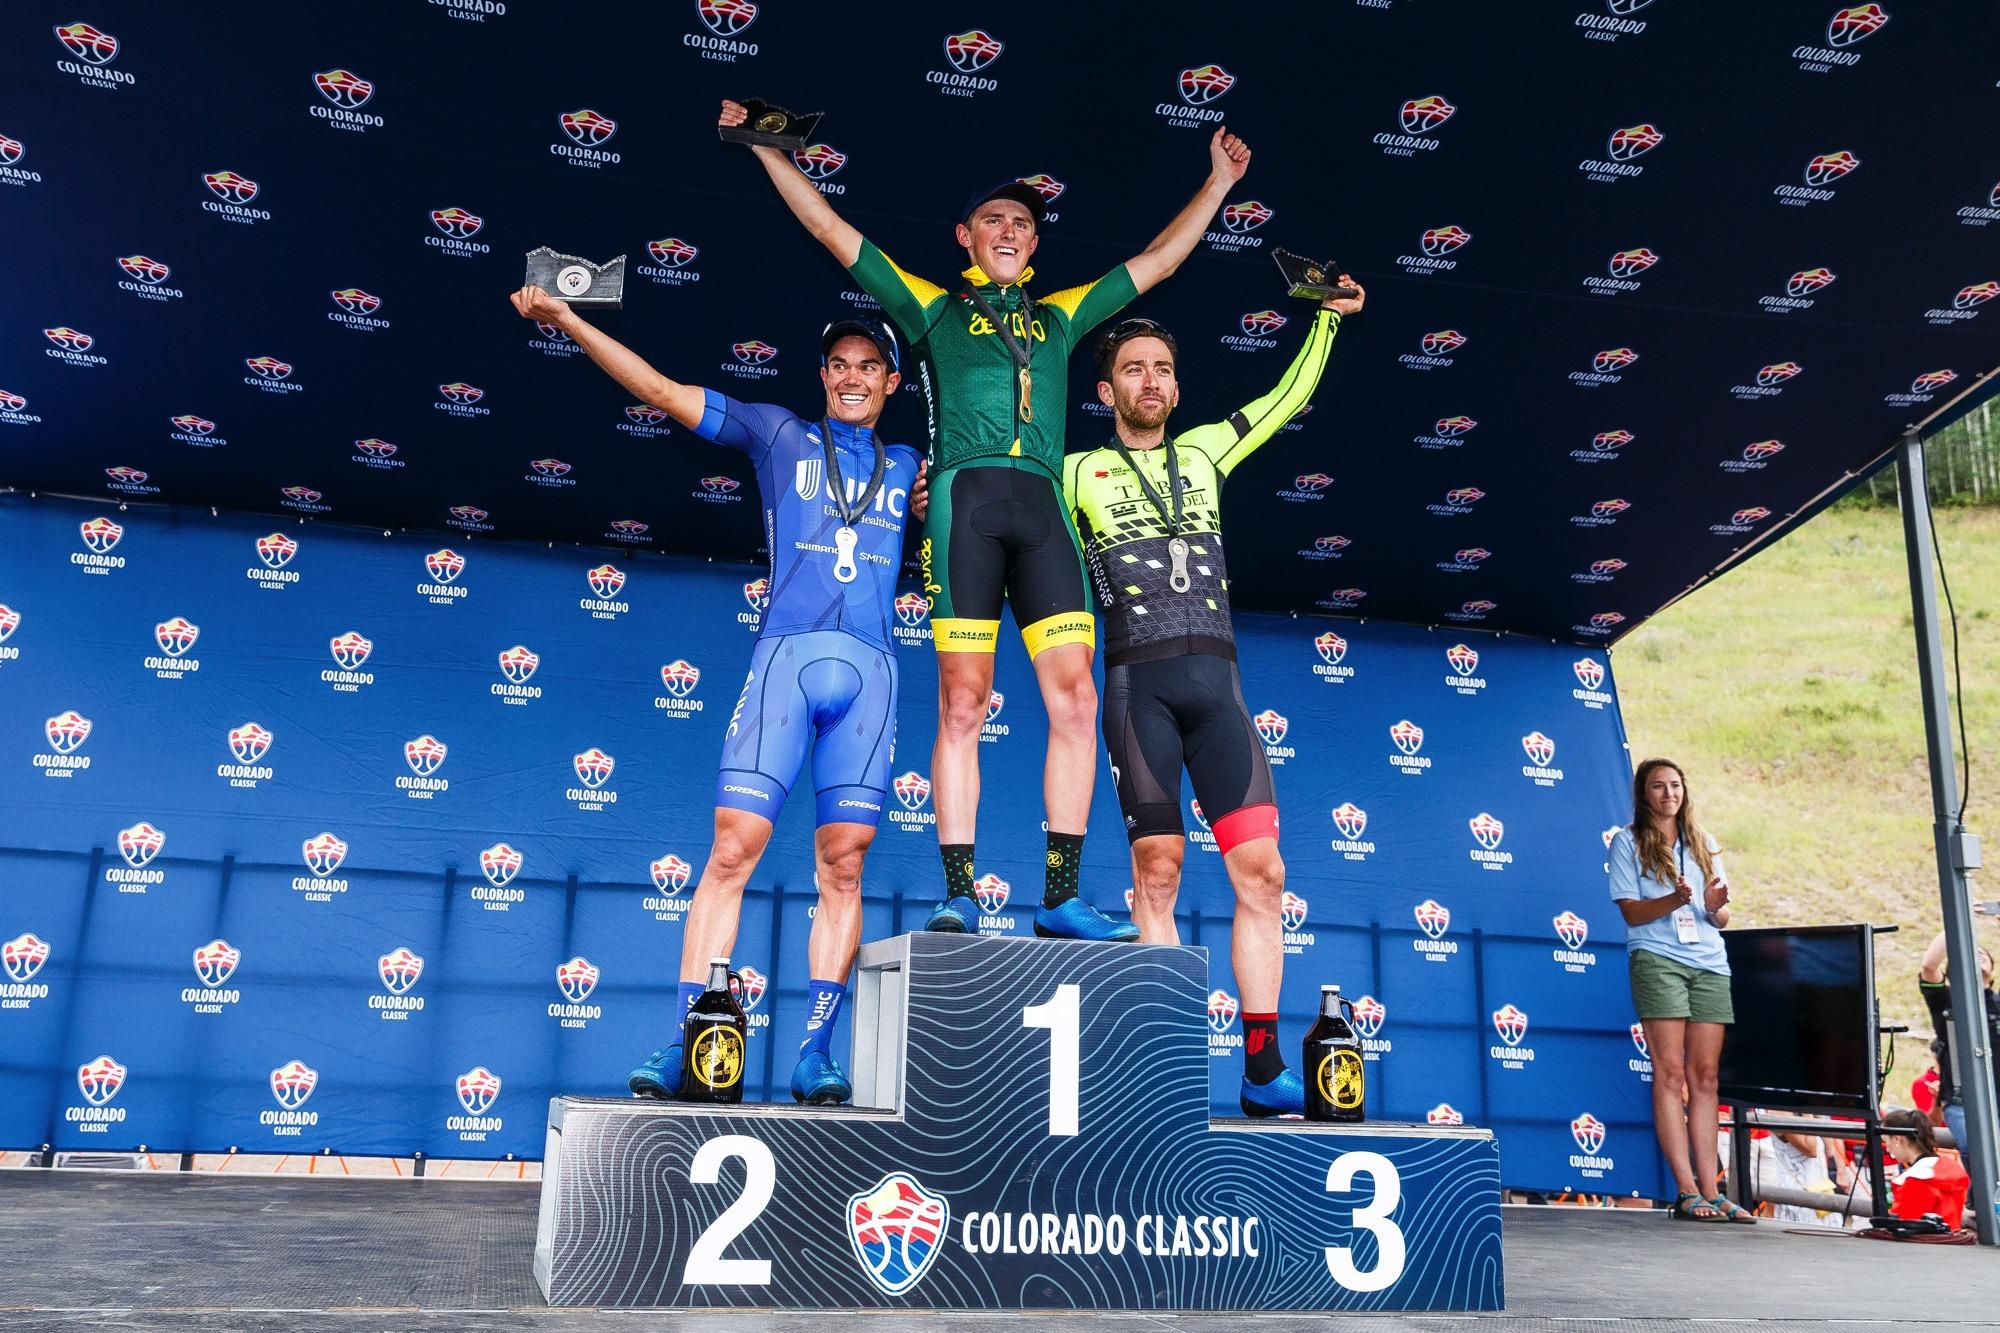 Il podio della prima tappa del Colorado Classics